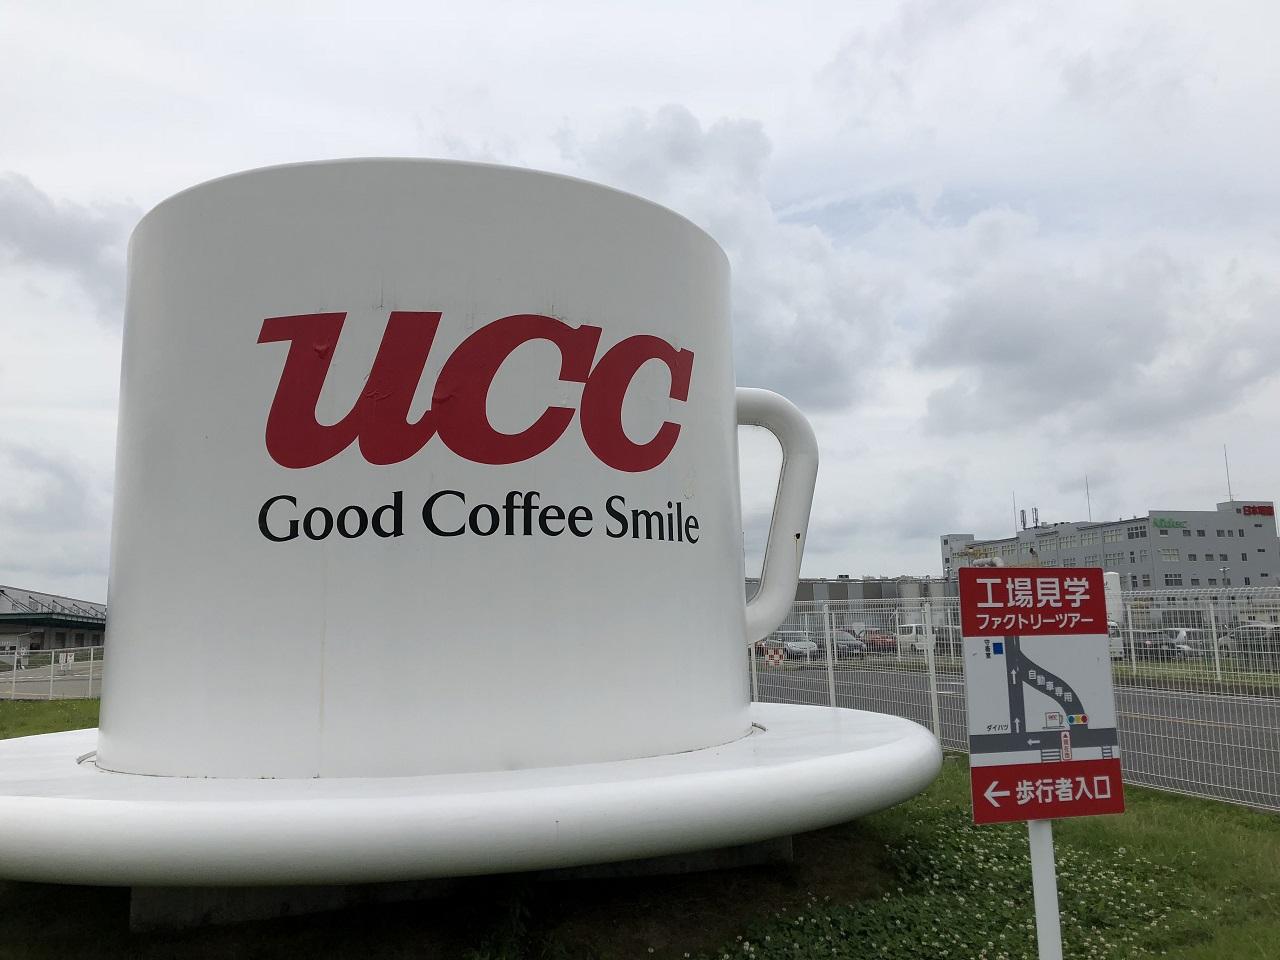 コーヒー飲み比べで違いを実感‼生中継も(笑)*UCC 滋賀工場***